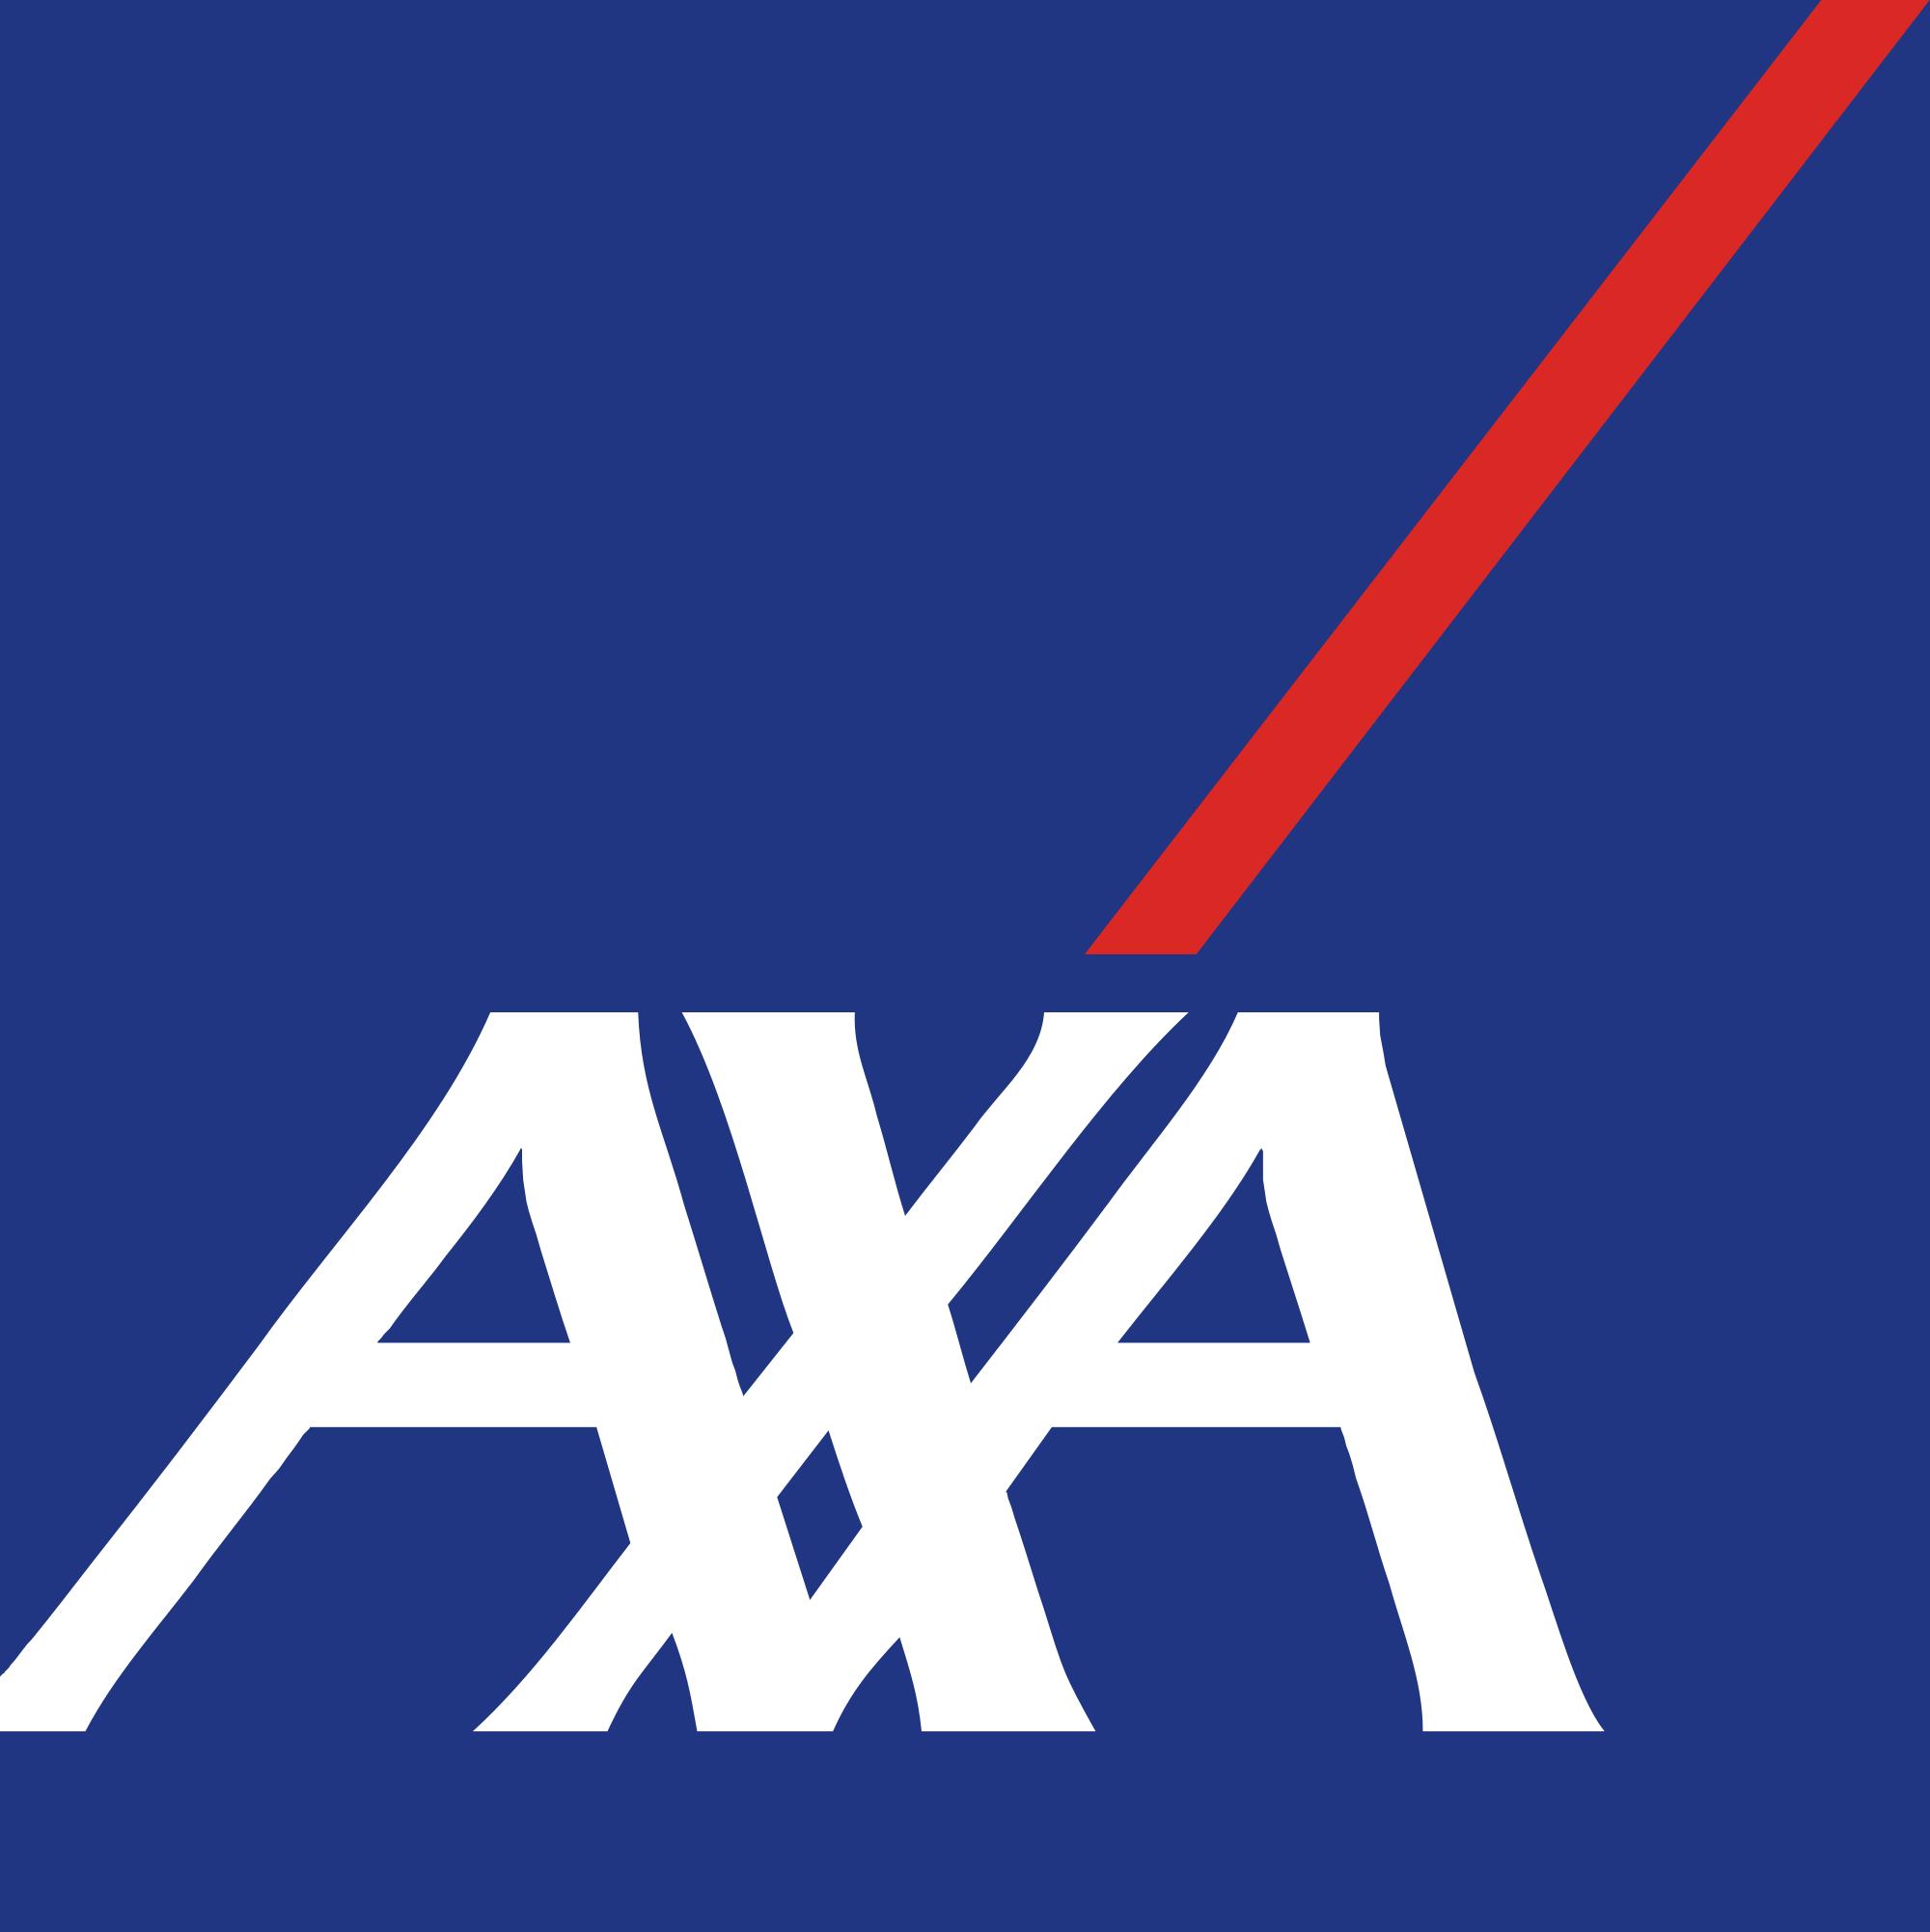 AXA logo.